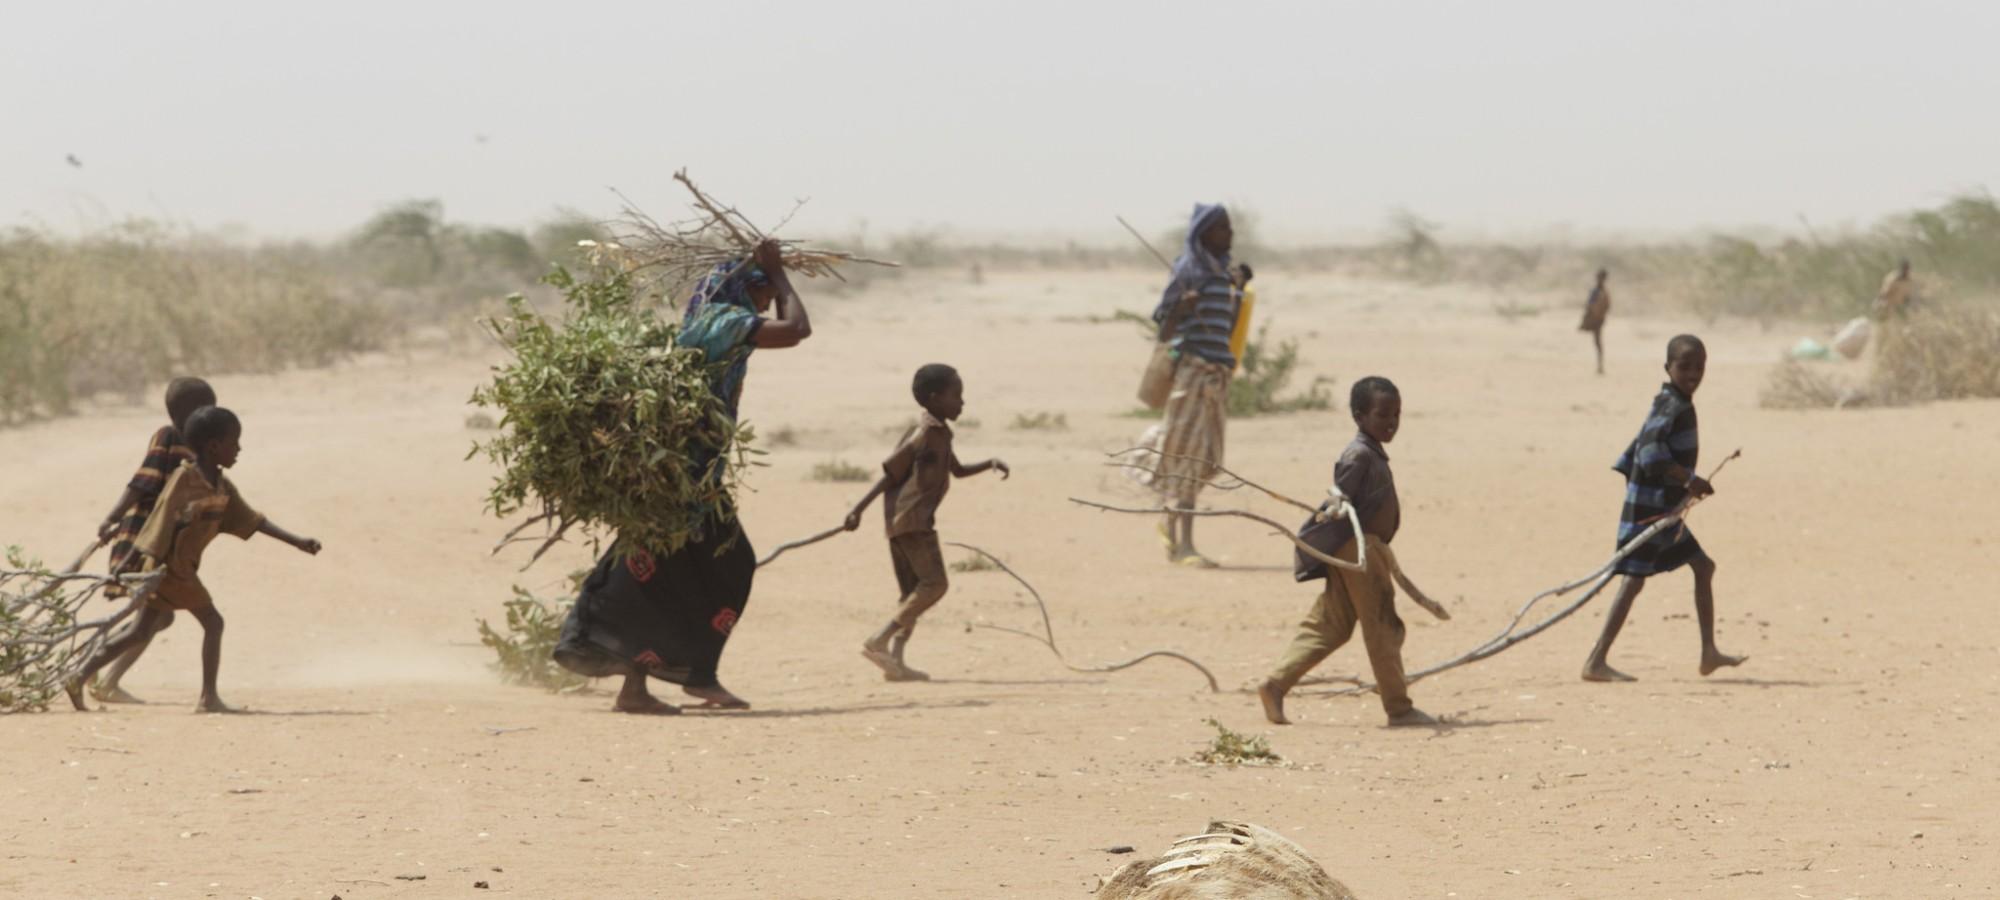 Oxfam East Africa